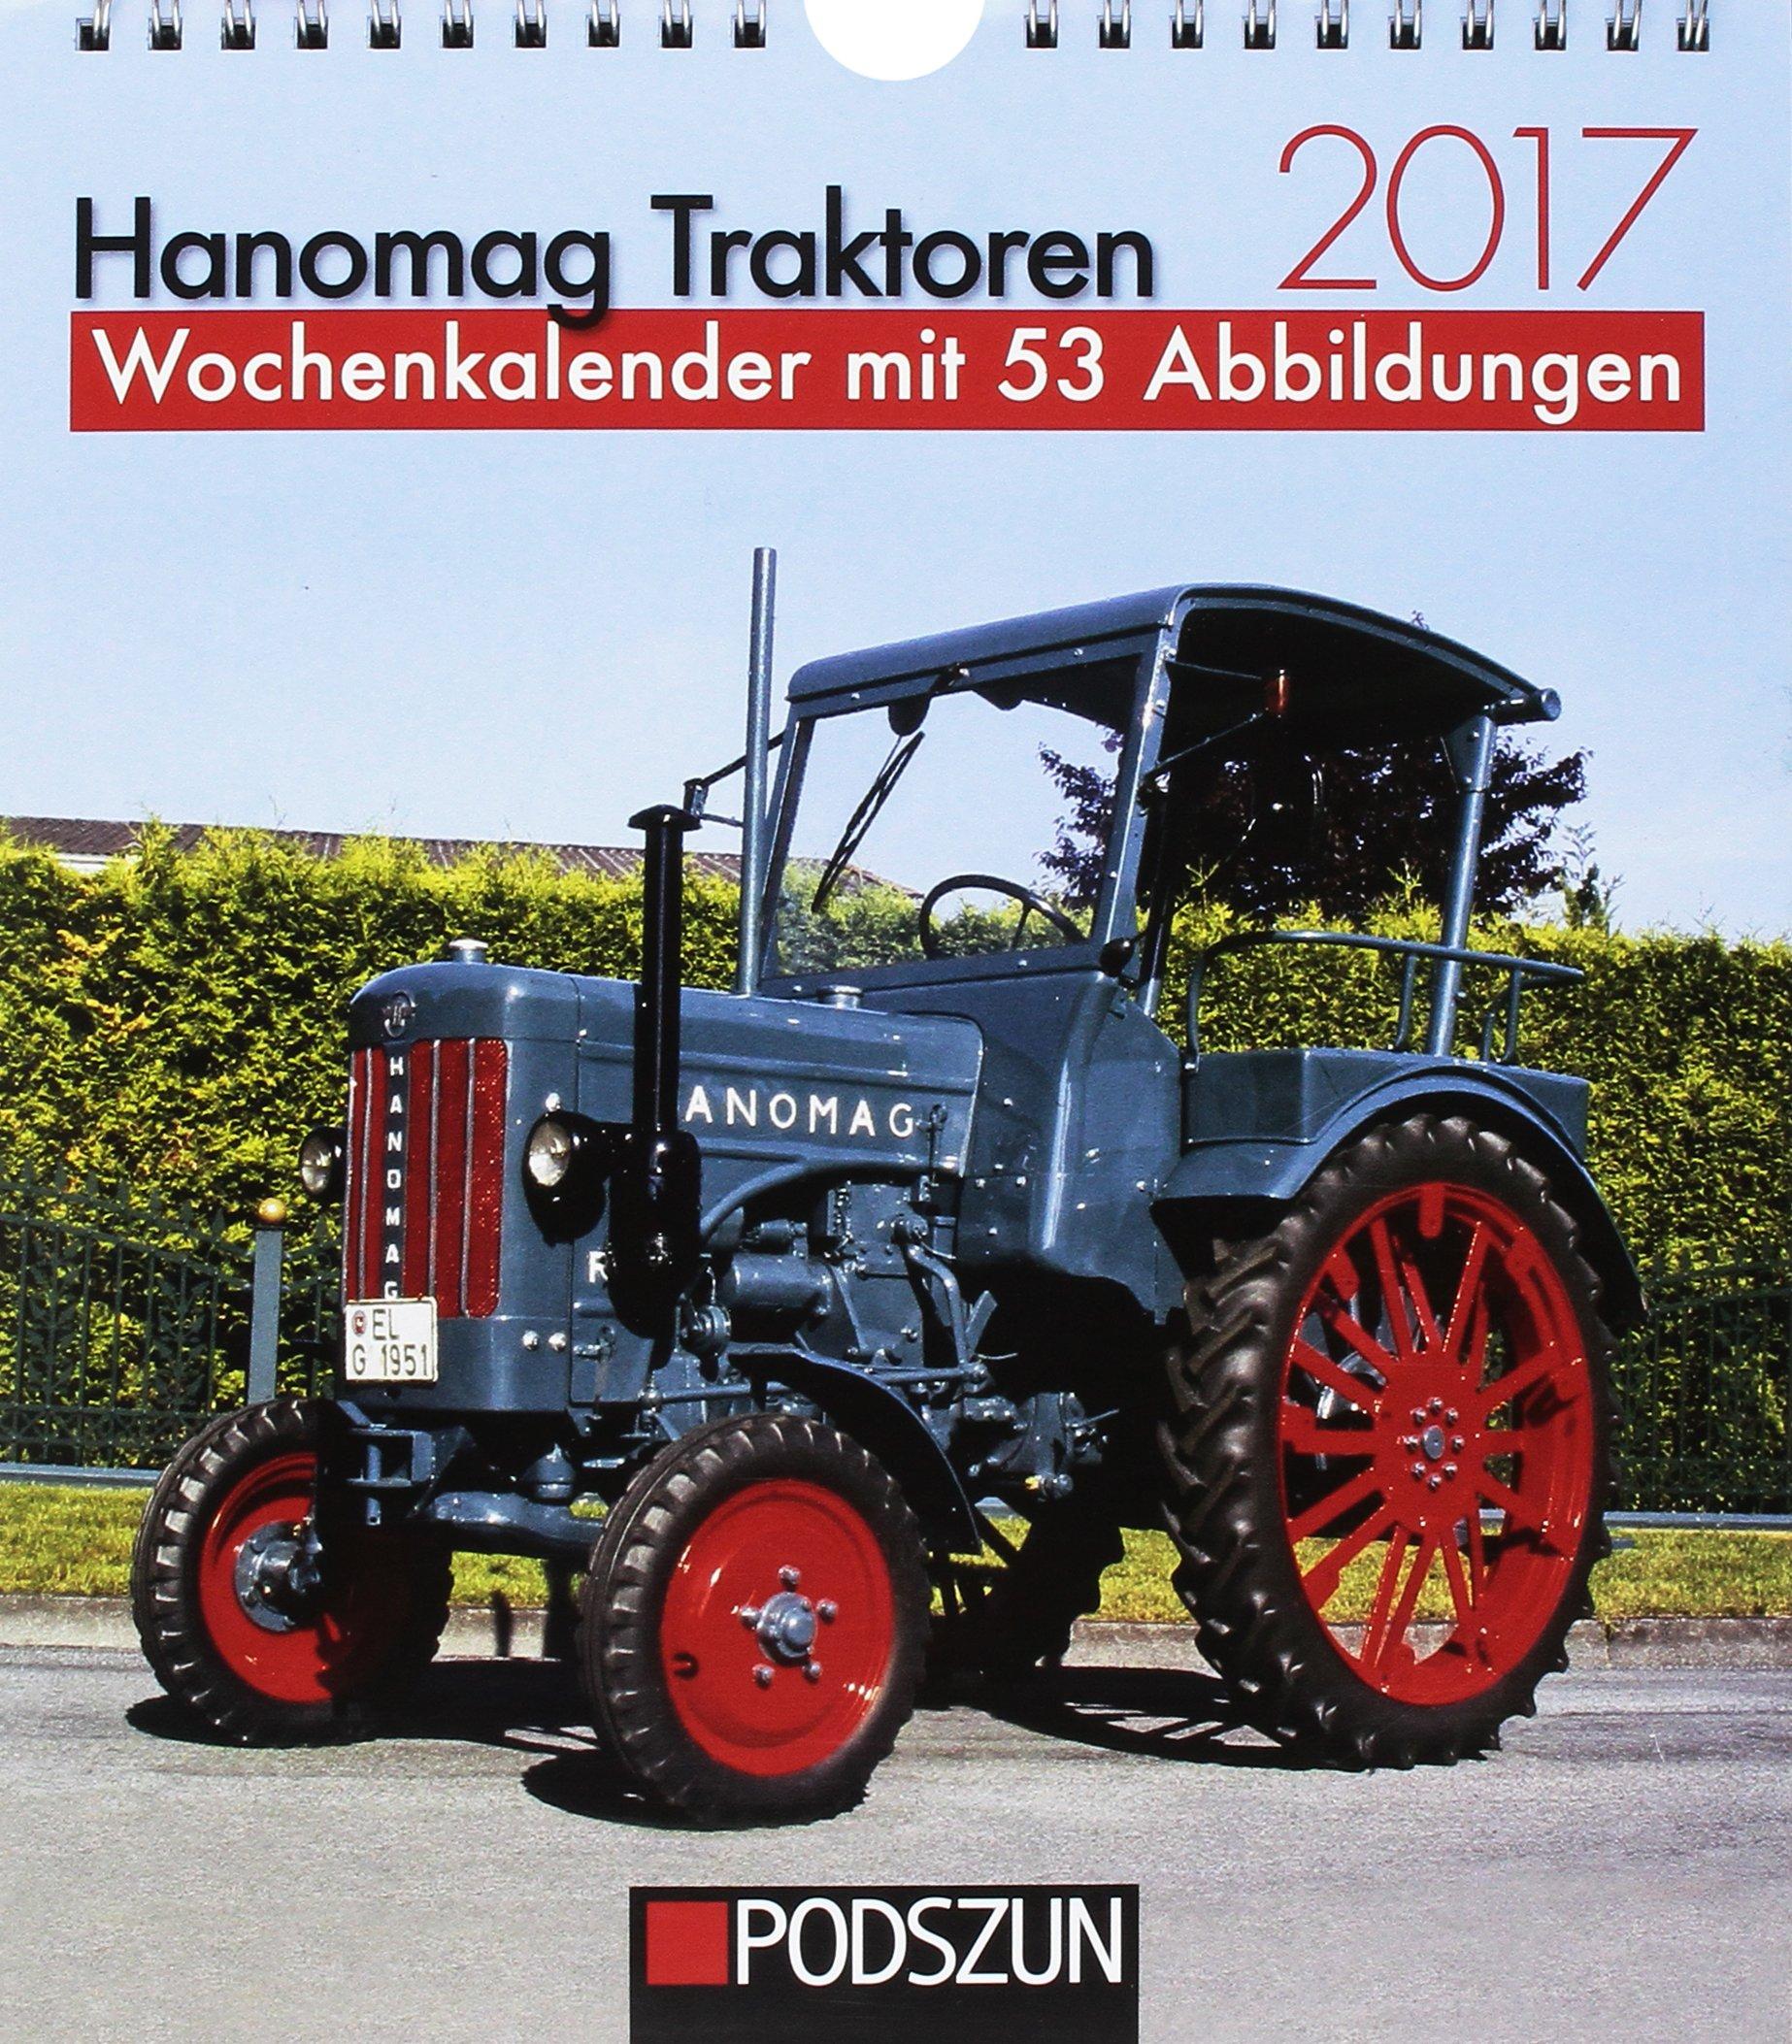 Hanomag Traktoren 2017